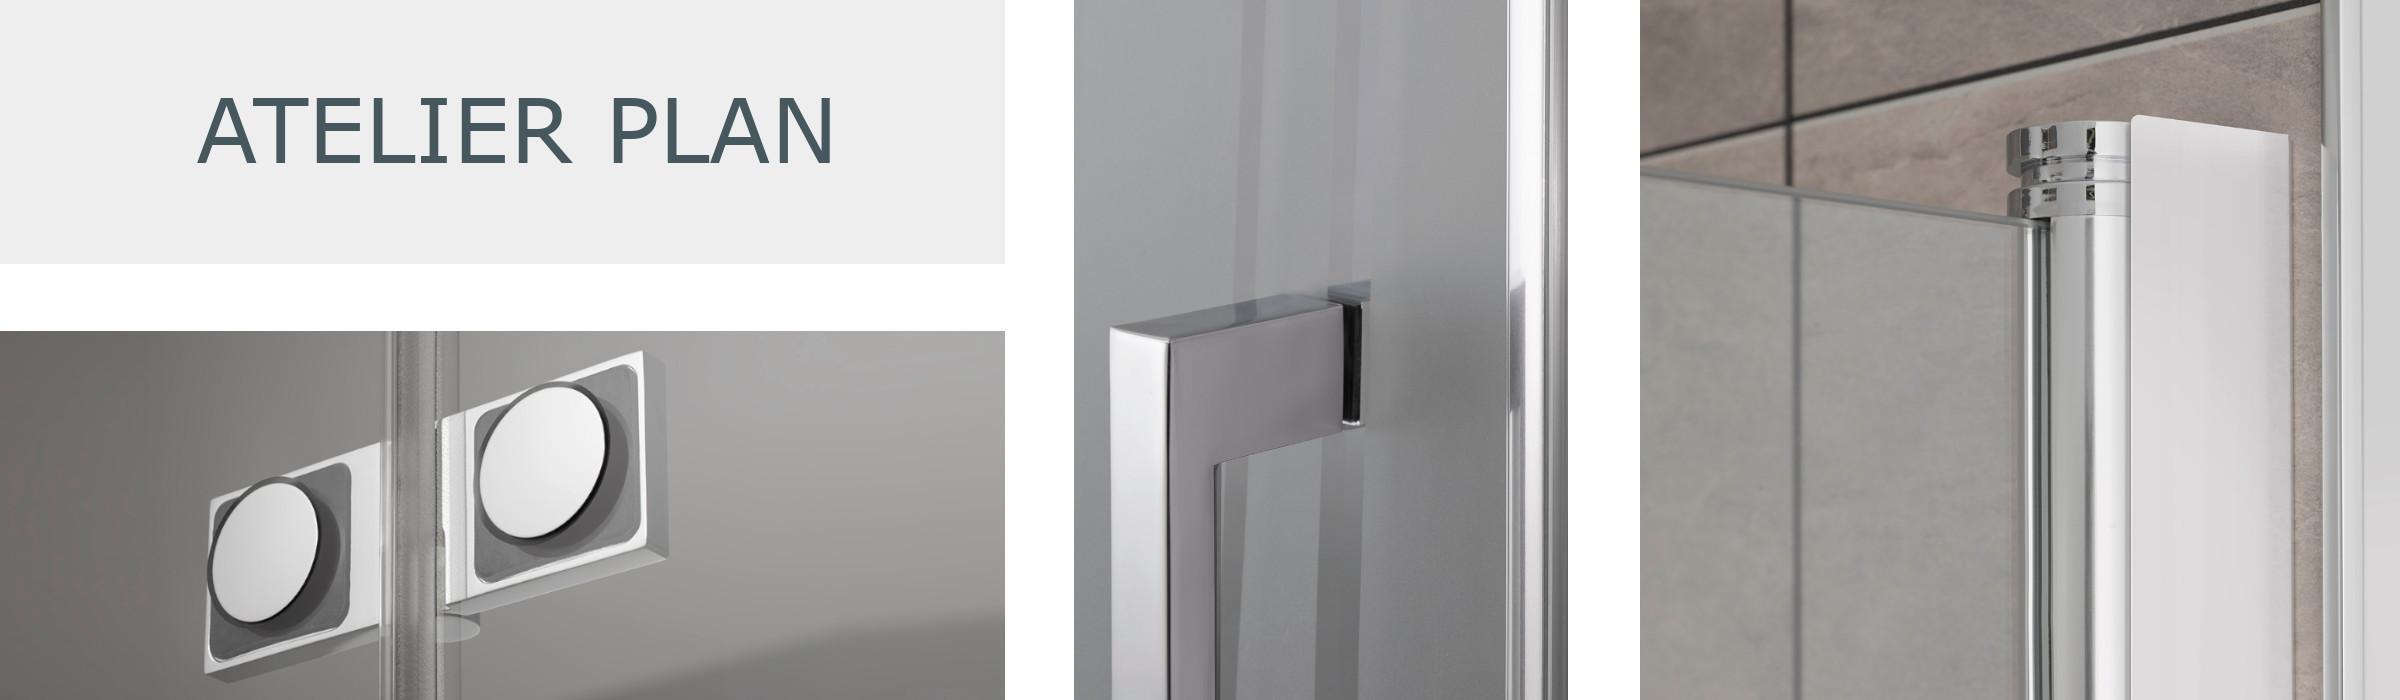 Full Size of Hsk Duschkabinen Bad Elegant Hüppe Duschen Breuer Bodengleiche Schulte Werksverkauf Kaufen Sprinz Moderne Begehbare Dusche Hsk Duschen